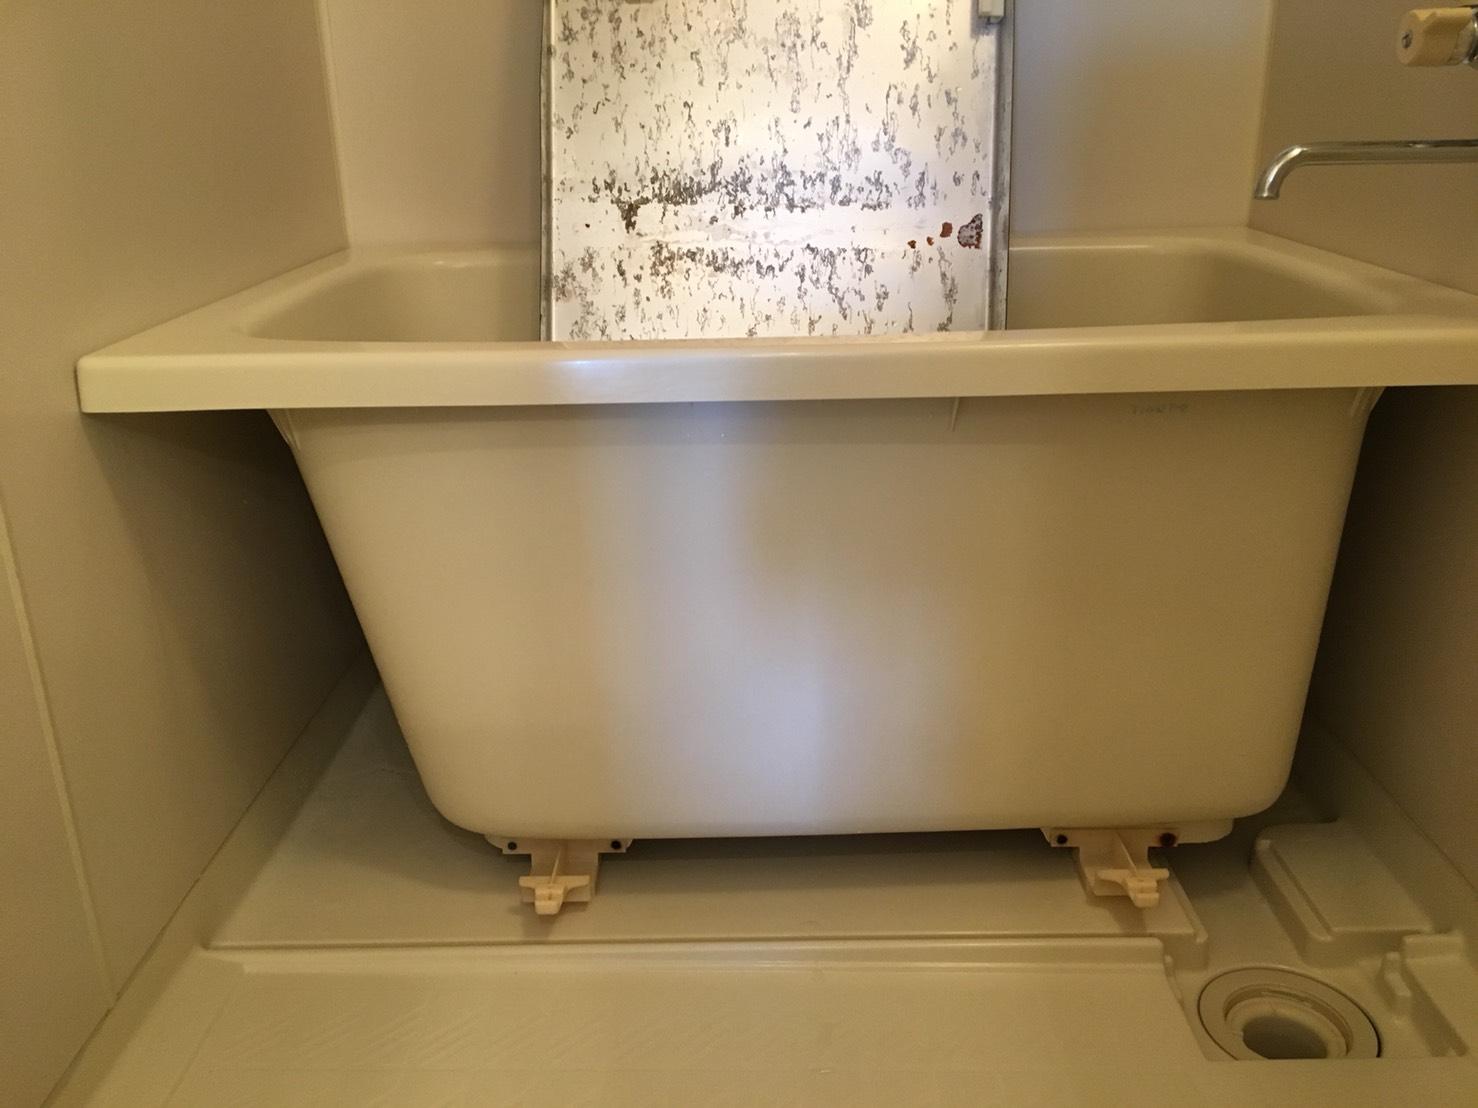 伊丹市、お風呂(浴室)掃除/家事に悩む女性にとって嬉しいお勧めサービス 無料出張・無料見積は、おそうじプラスまで